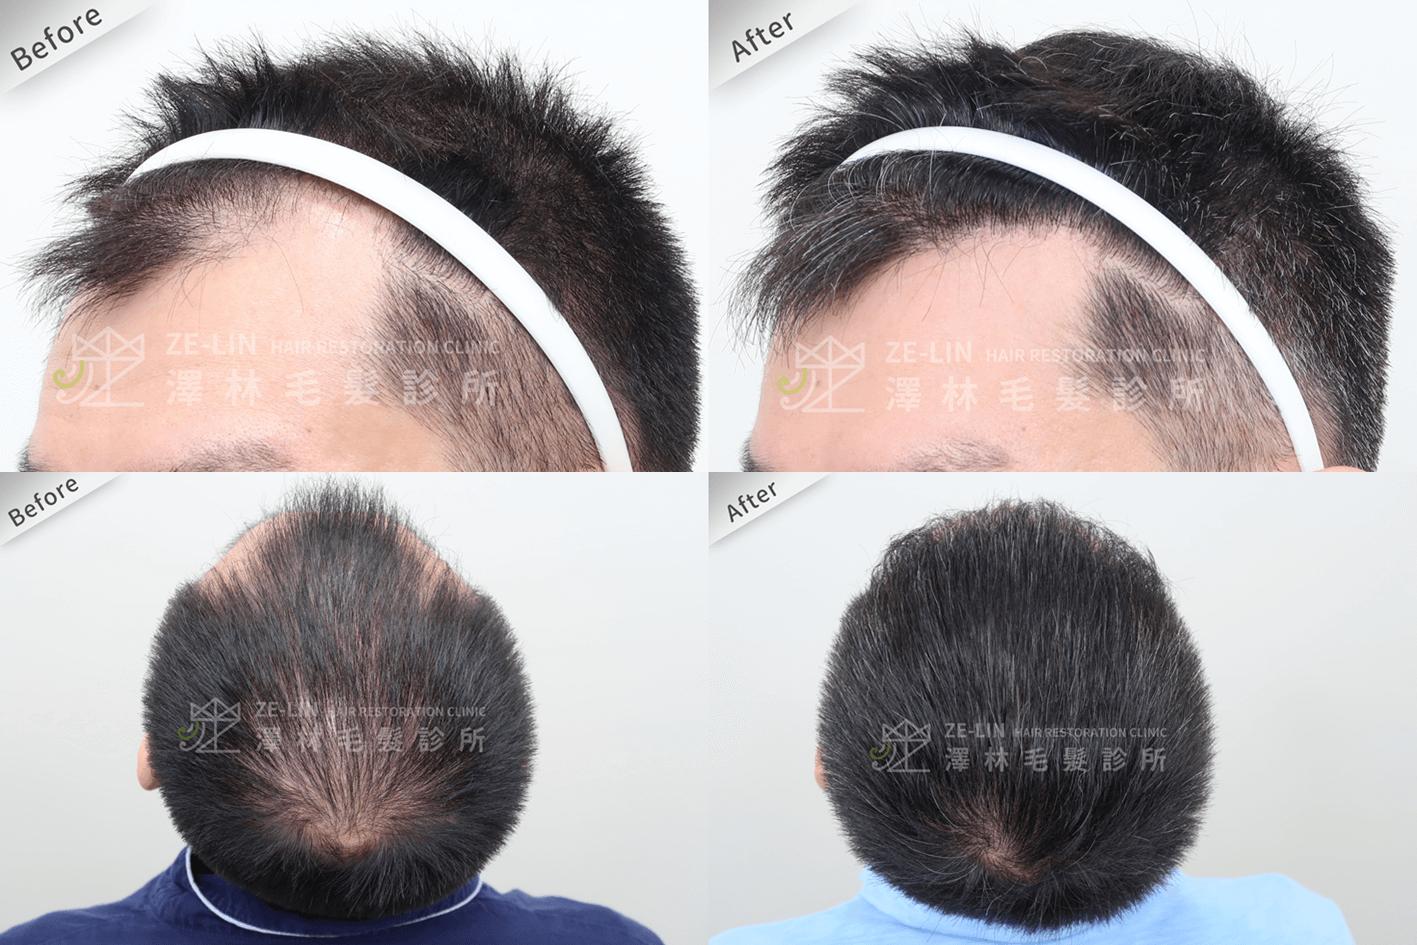 植髮推薦:前額及頂部植髮手術所需時間案例分享